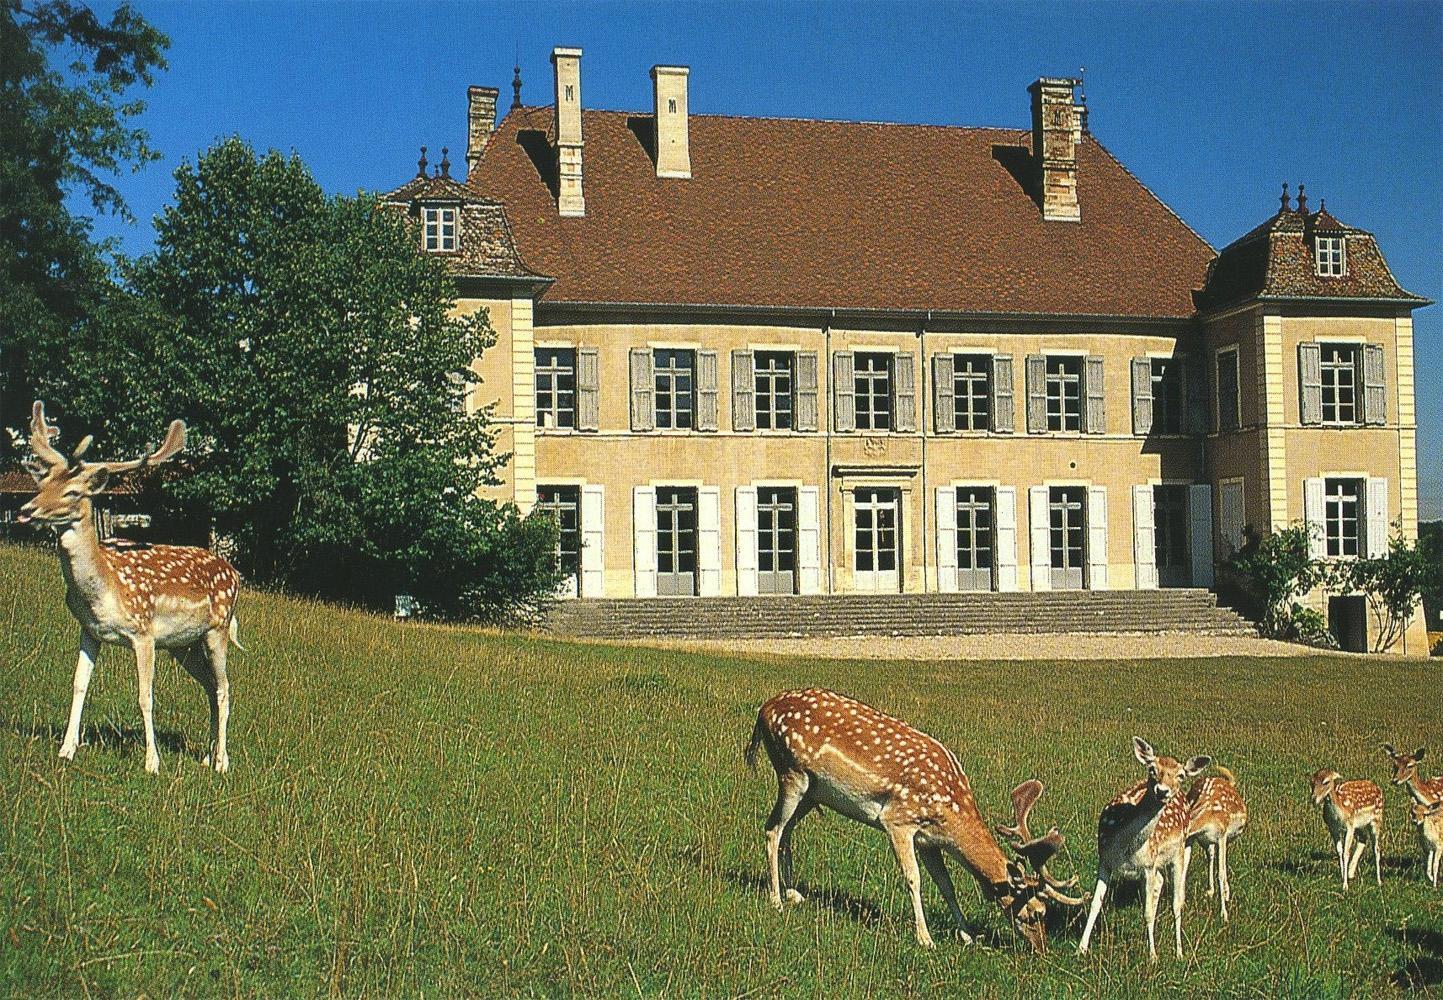 376-chateau-de-moidiere.jpg